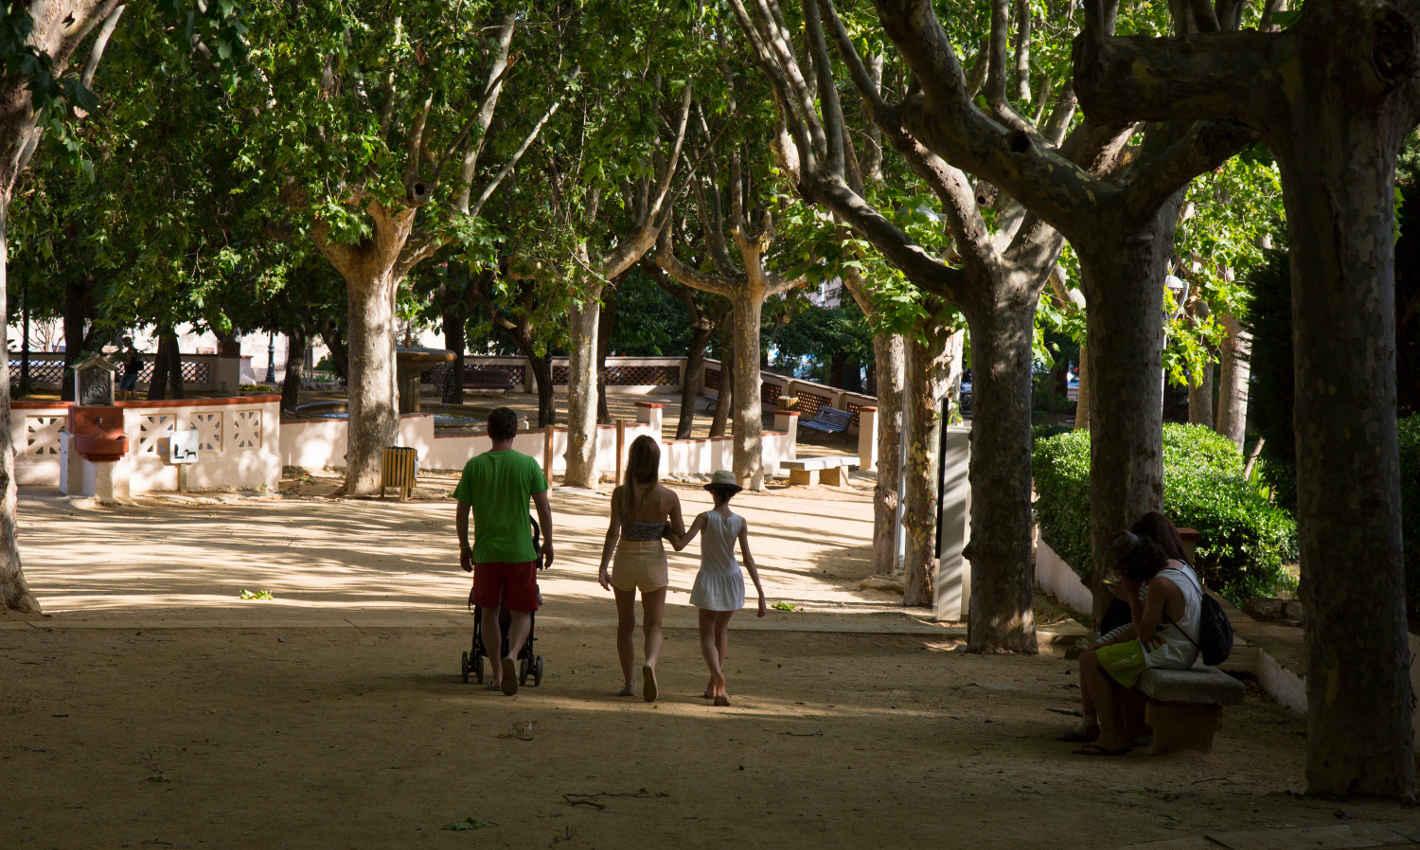 Passeig en família al Parc Dalmau